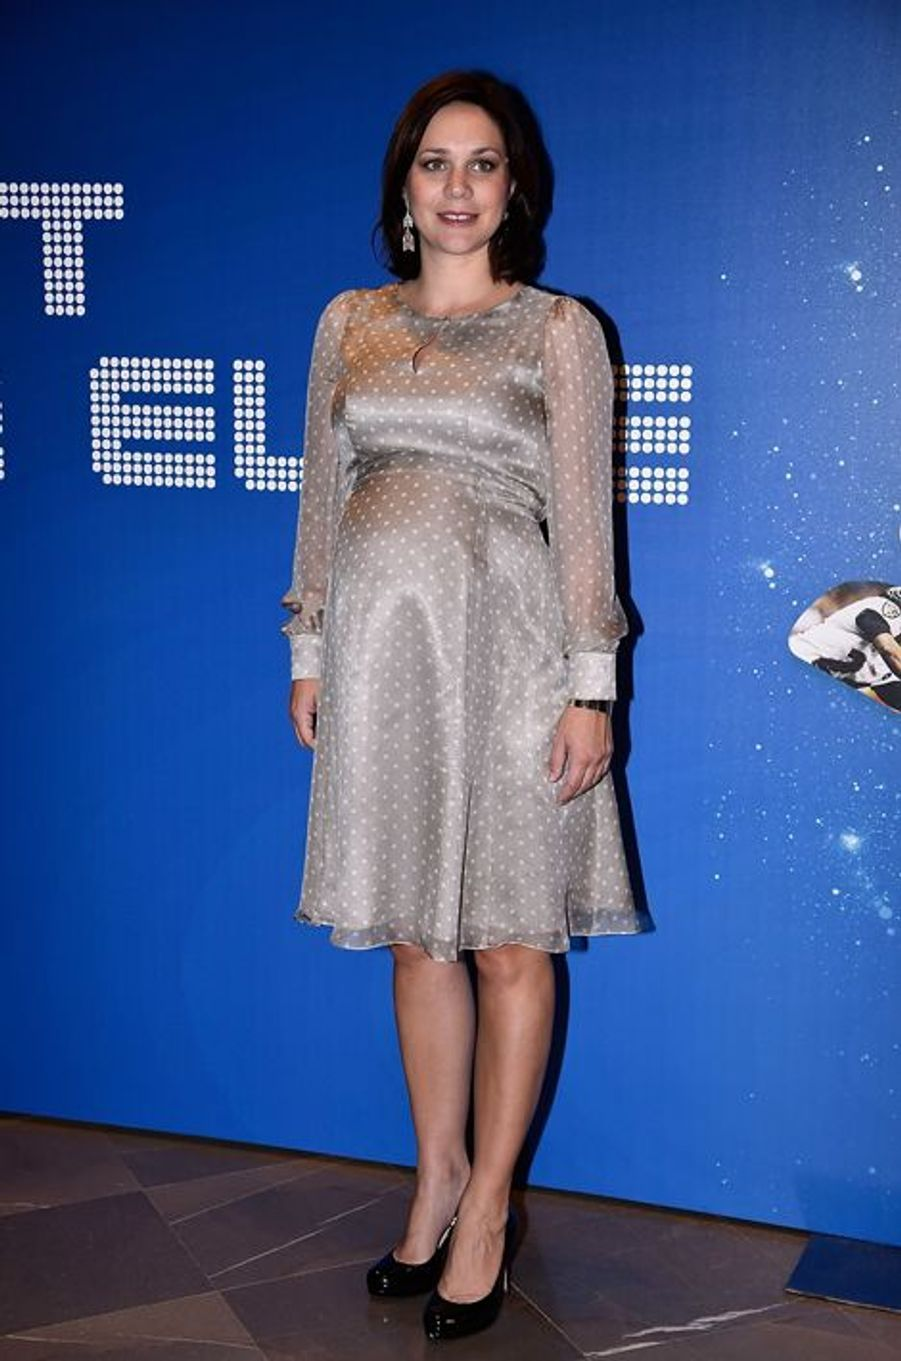 Nathalie Péchalat à la convention Sportel Monaco 2015 le 13 octobre dernier.